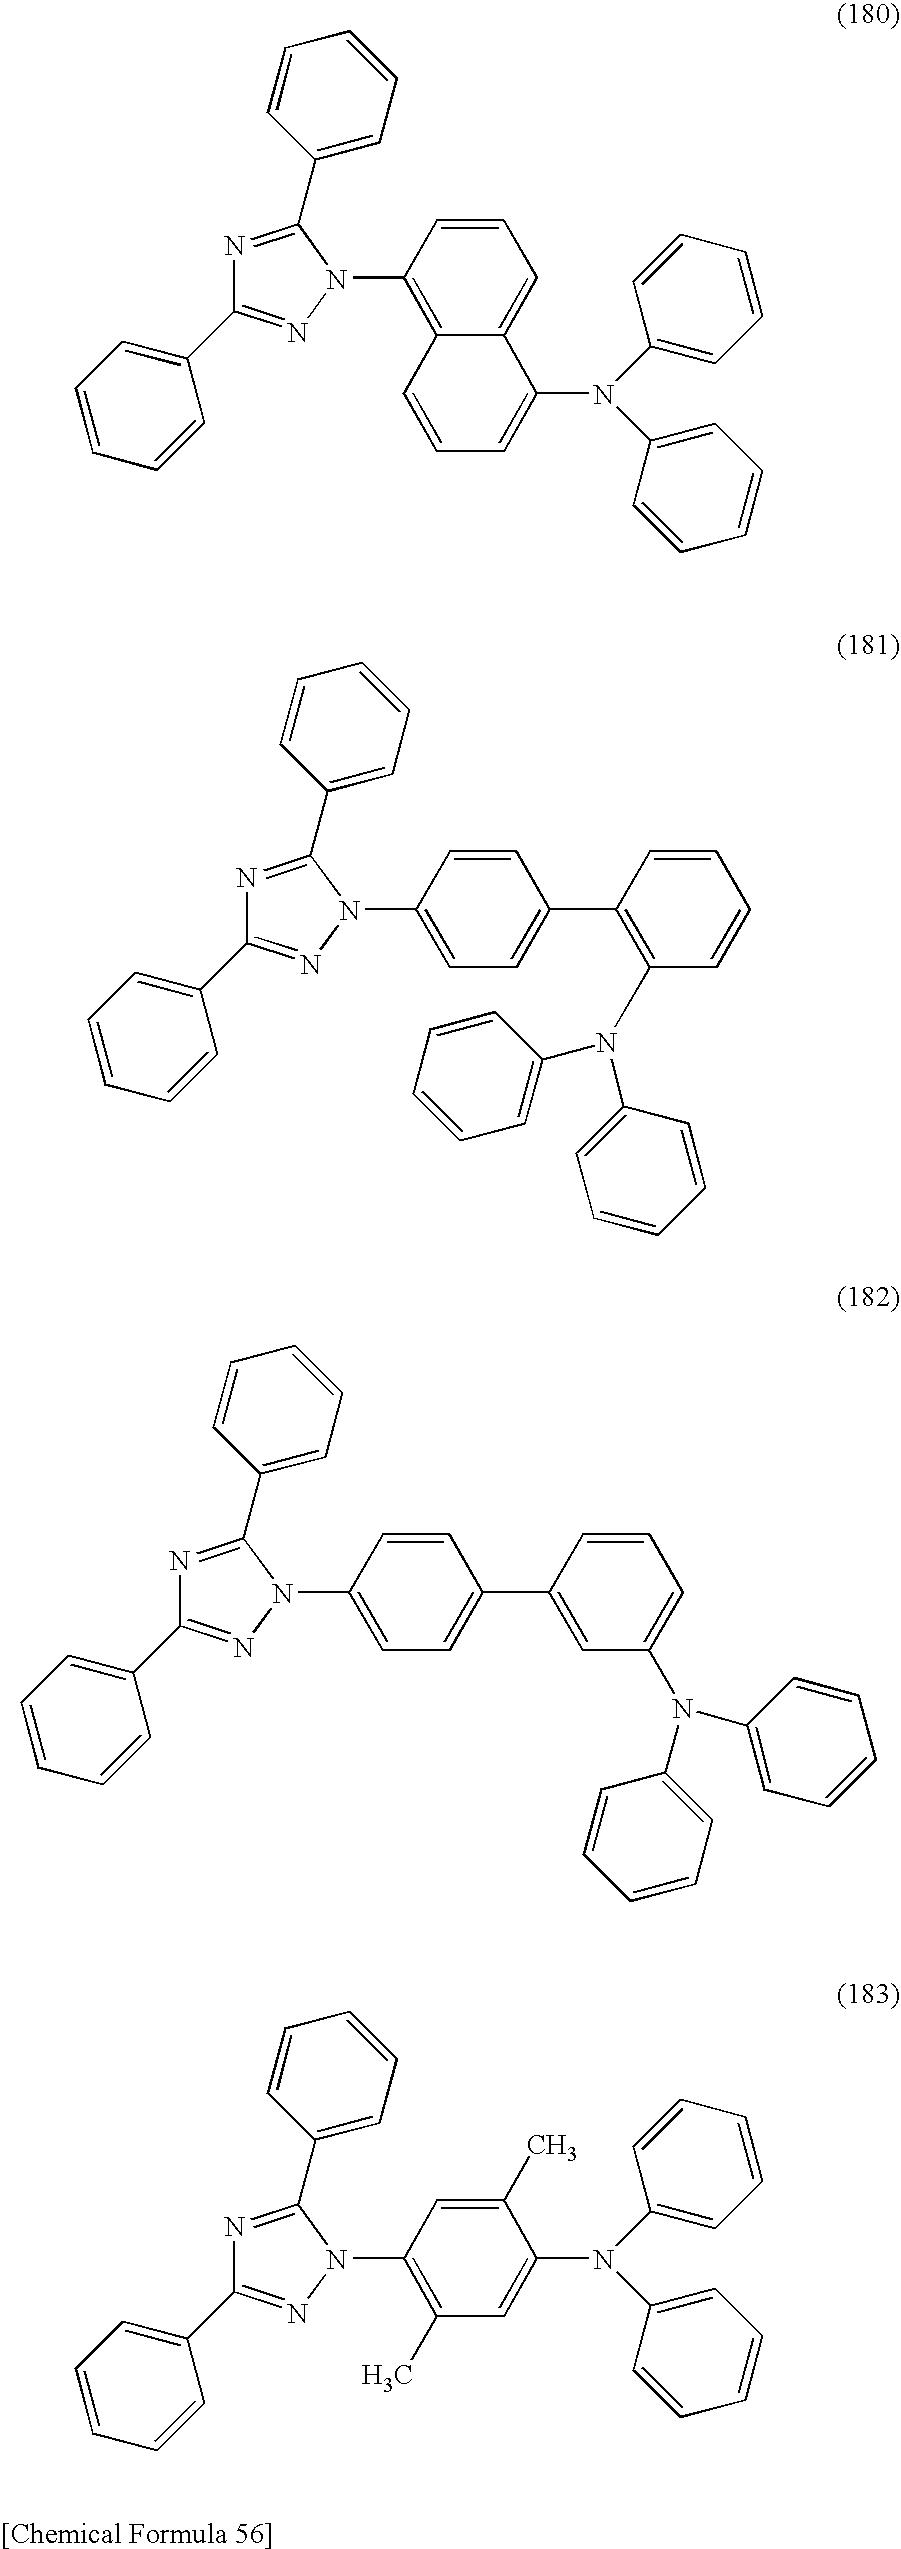 Figure US08551625-20131008-C00066